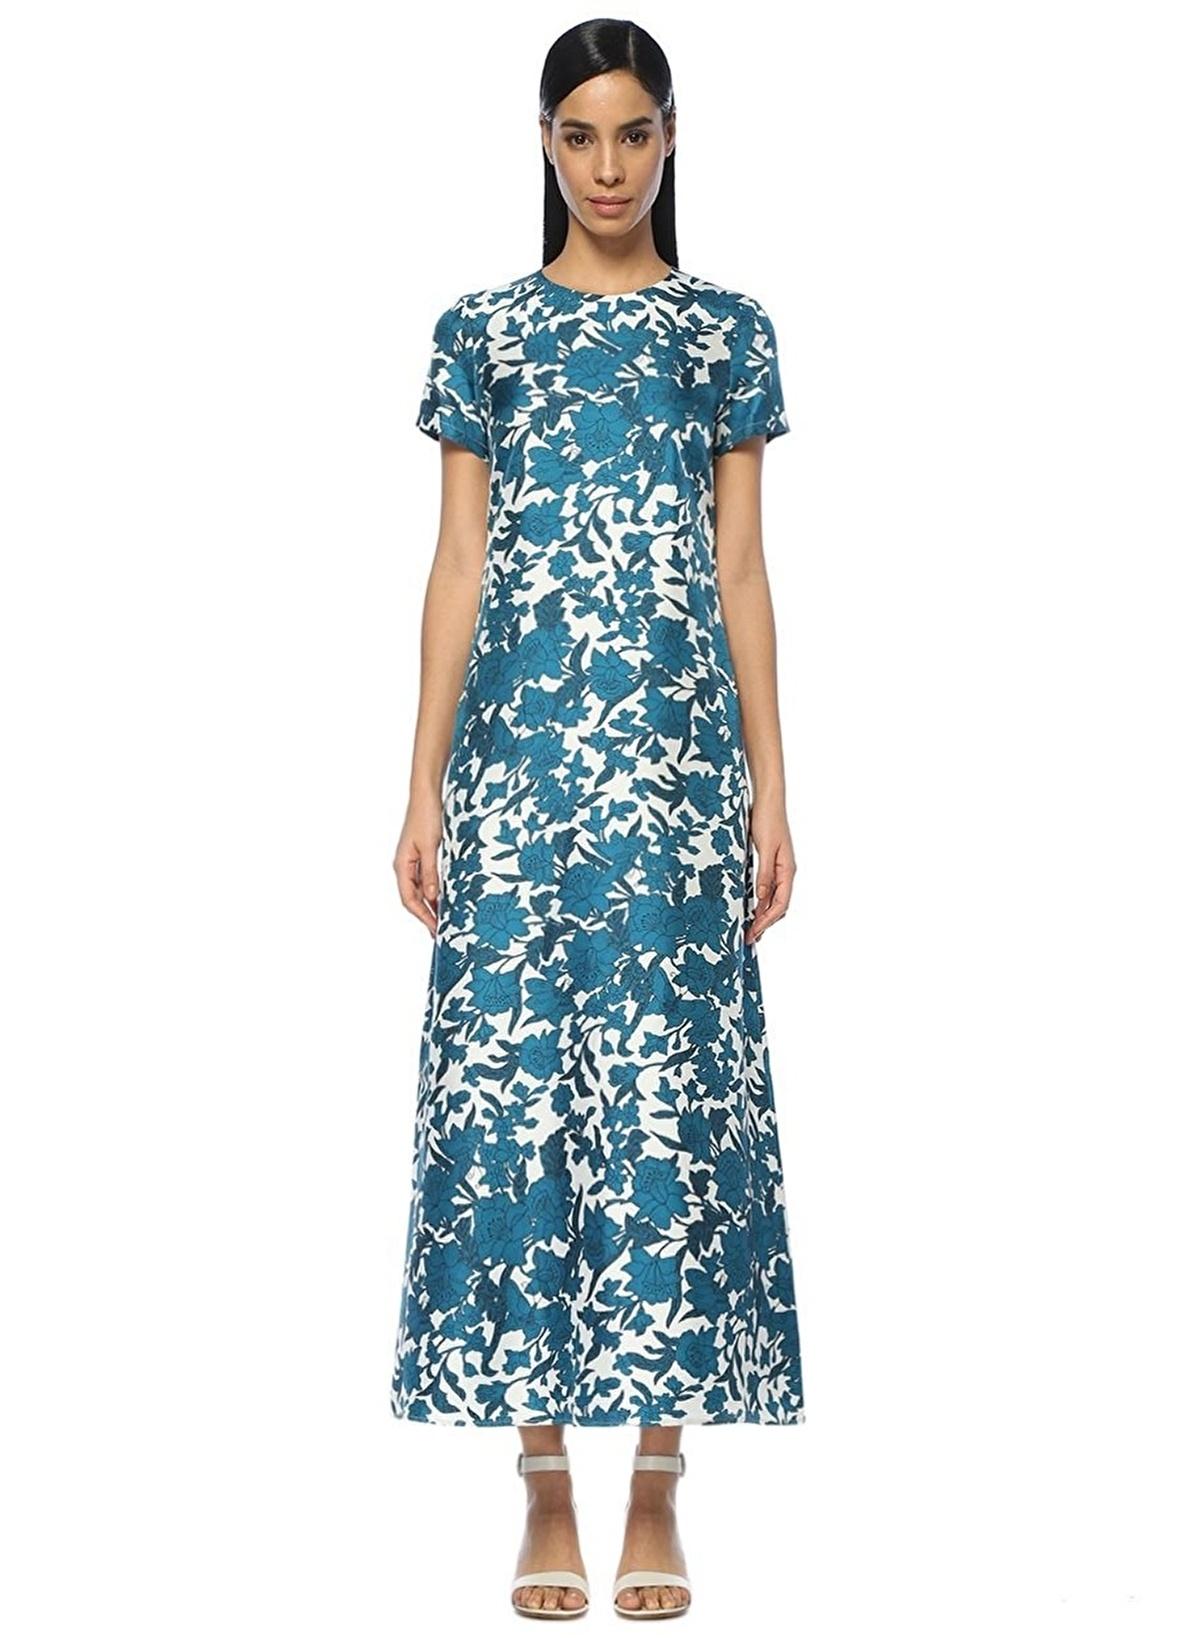 588d0ac7fd737 La Doublej Kadın Kısa Kollu Çiçekli Uzun Elbise Mavi-Beyaz | Morhipo ...